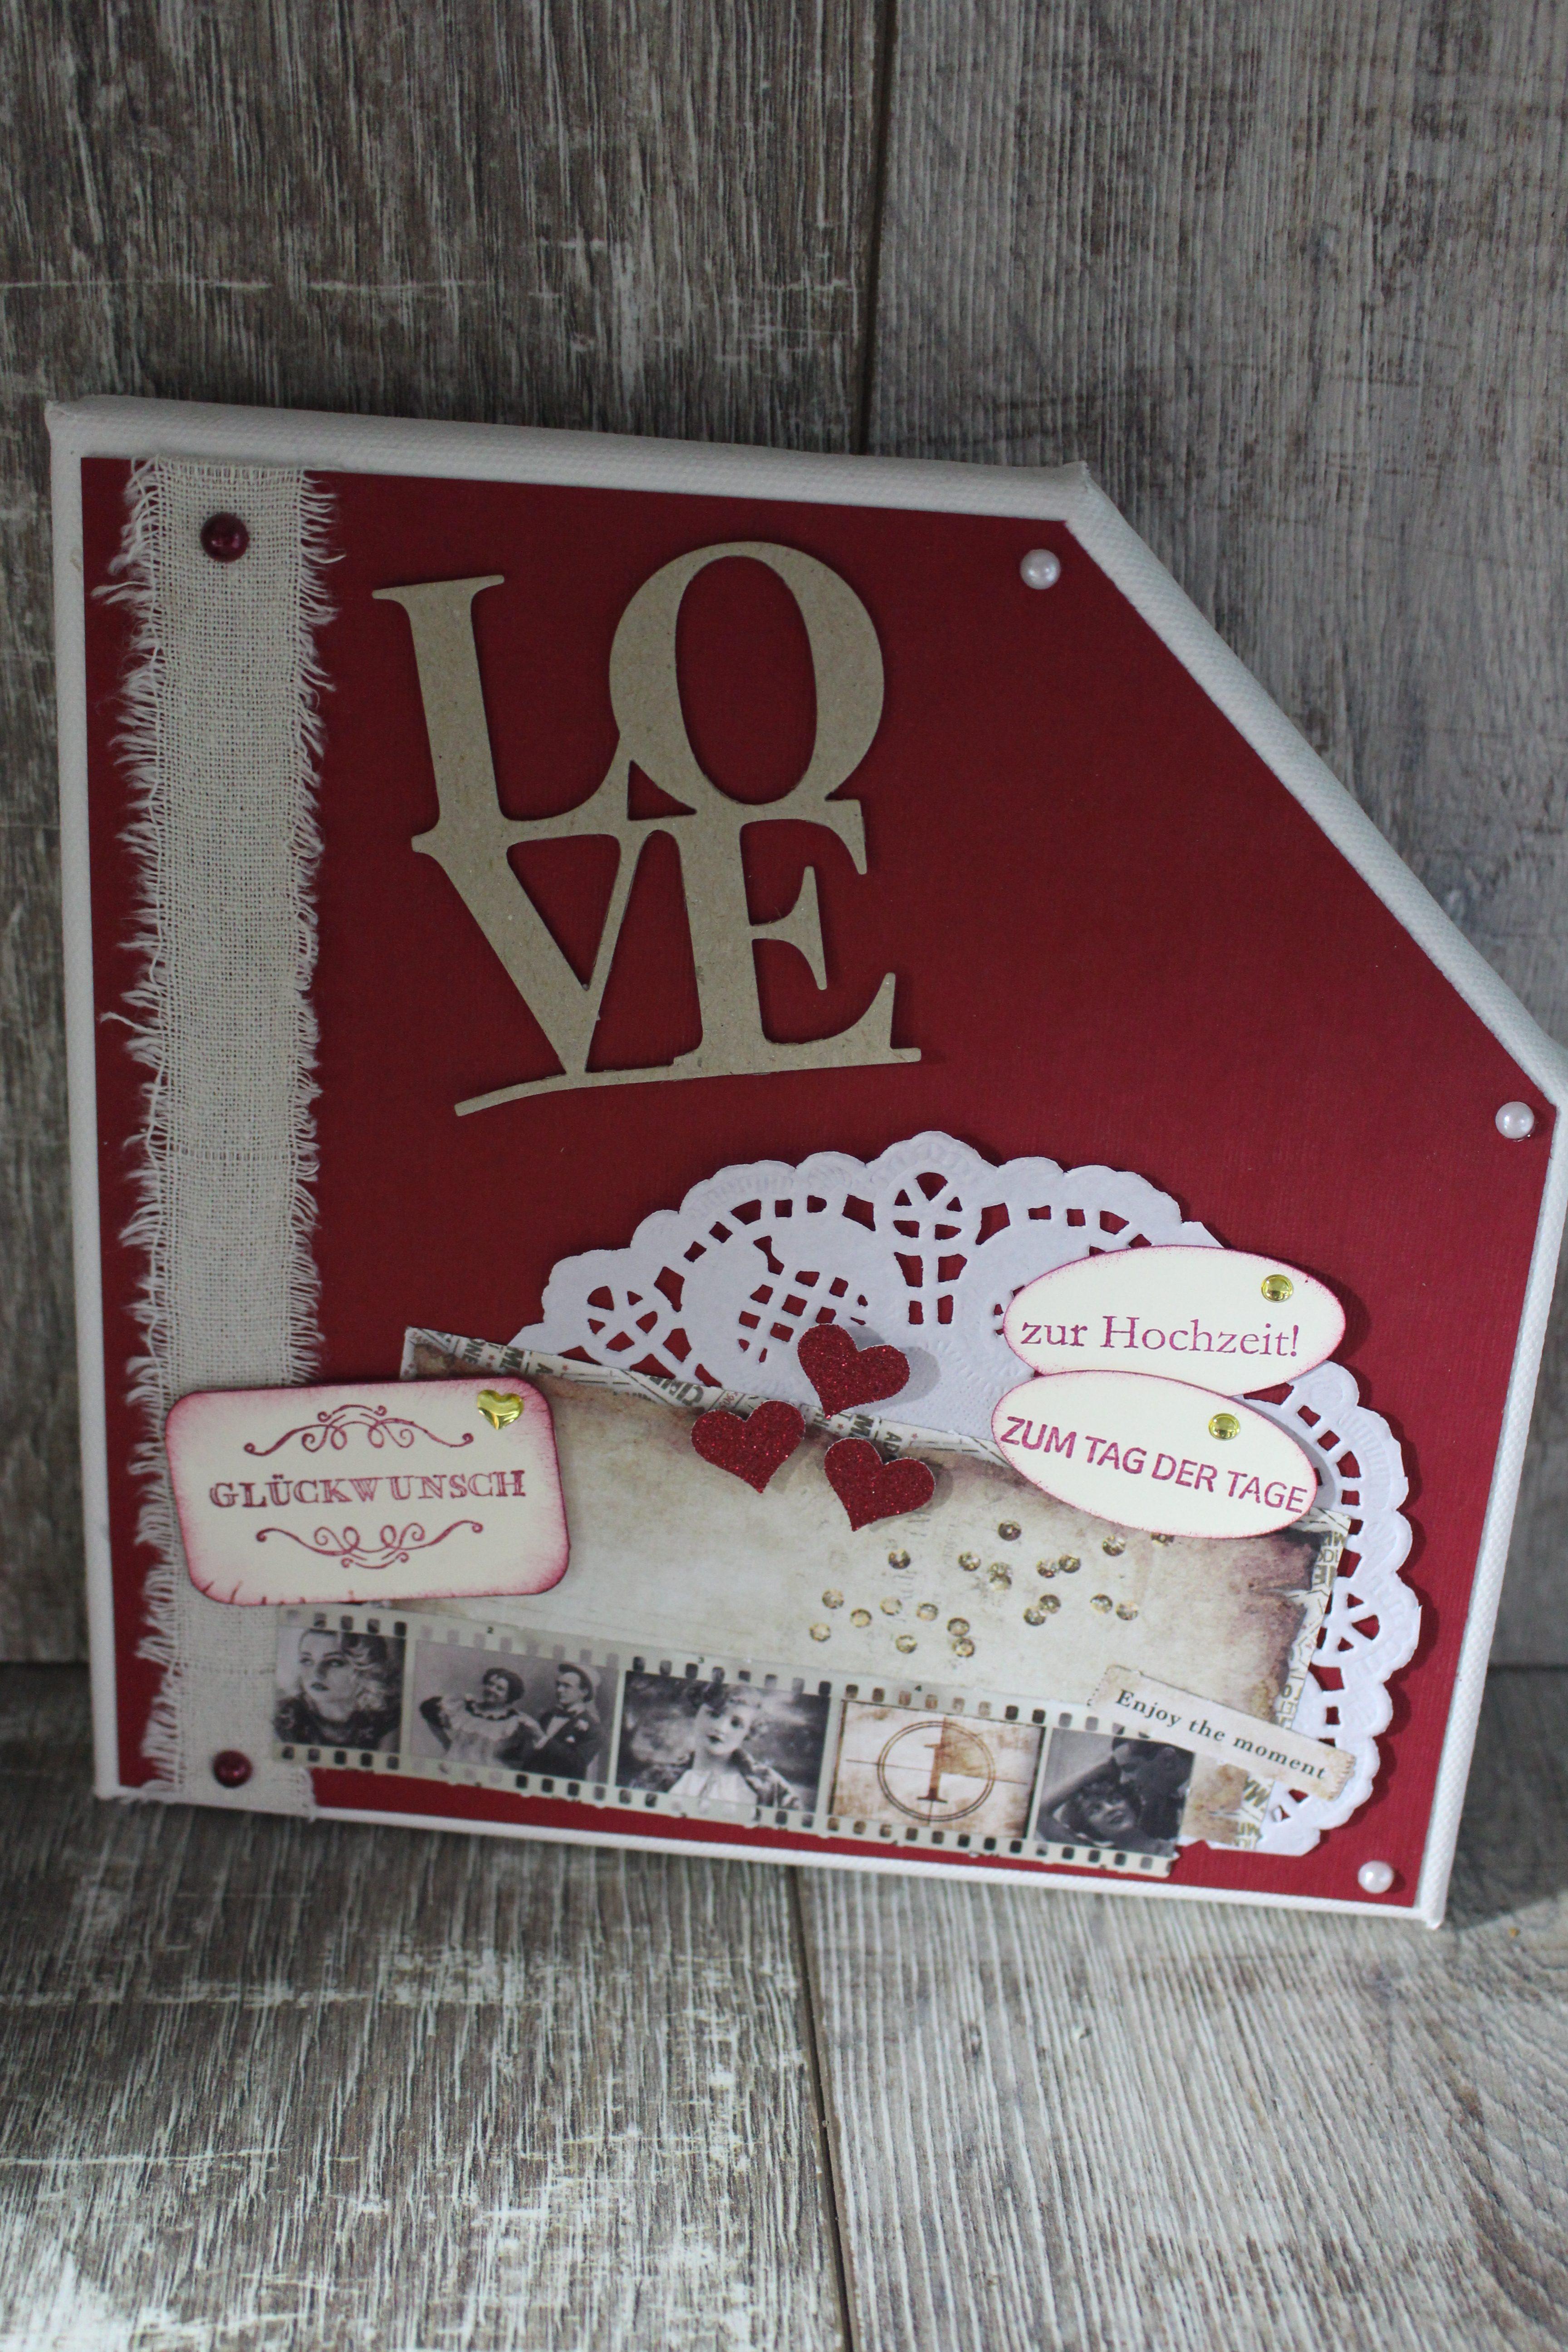 Leinwand Zur Hochzeit Luya Arts And Cards